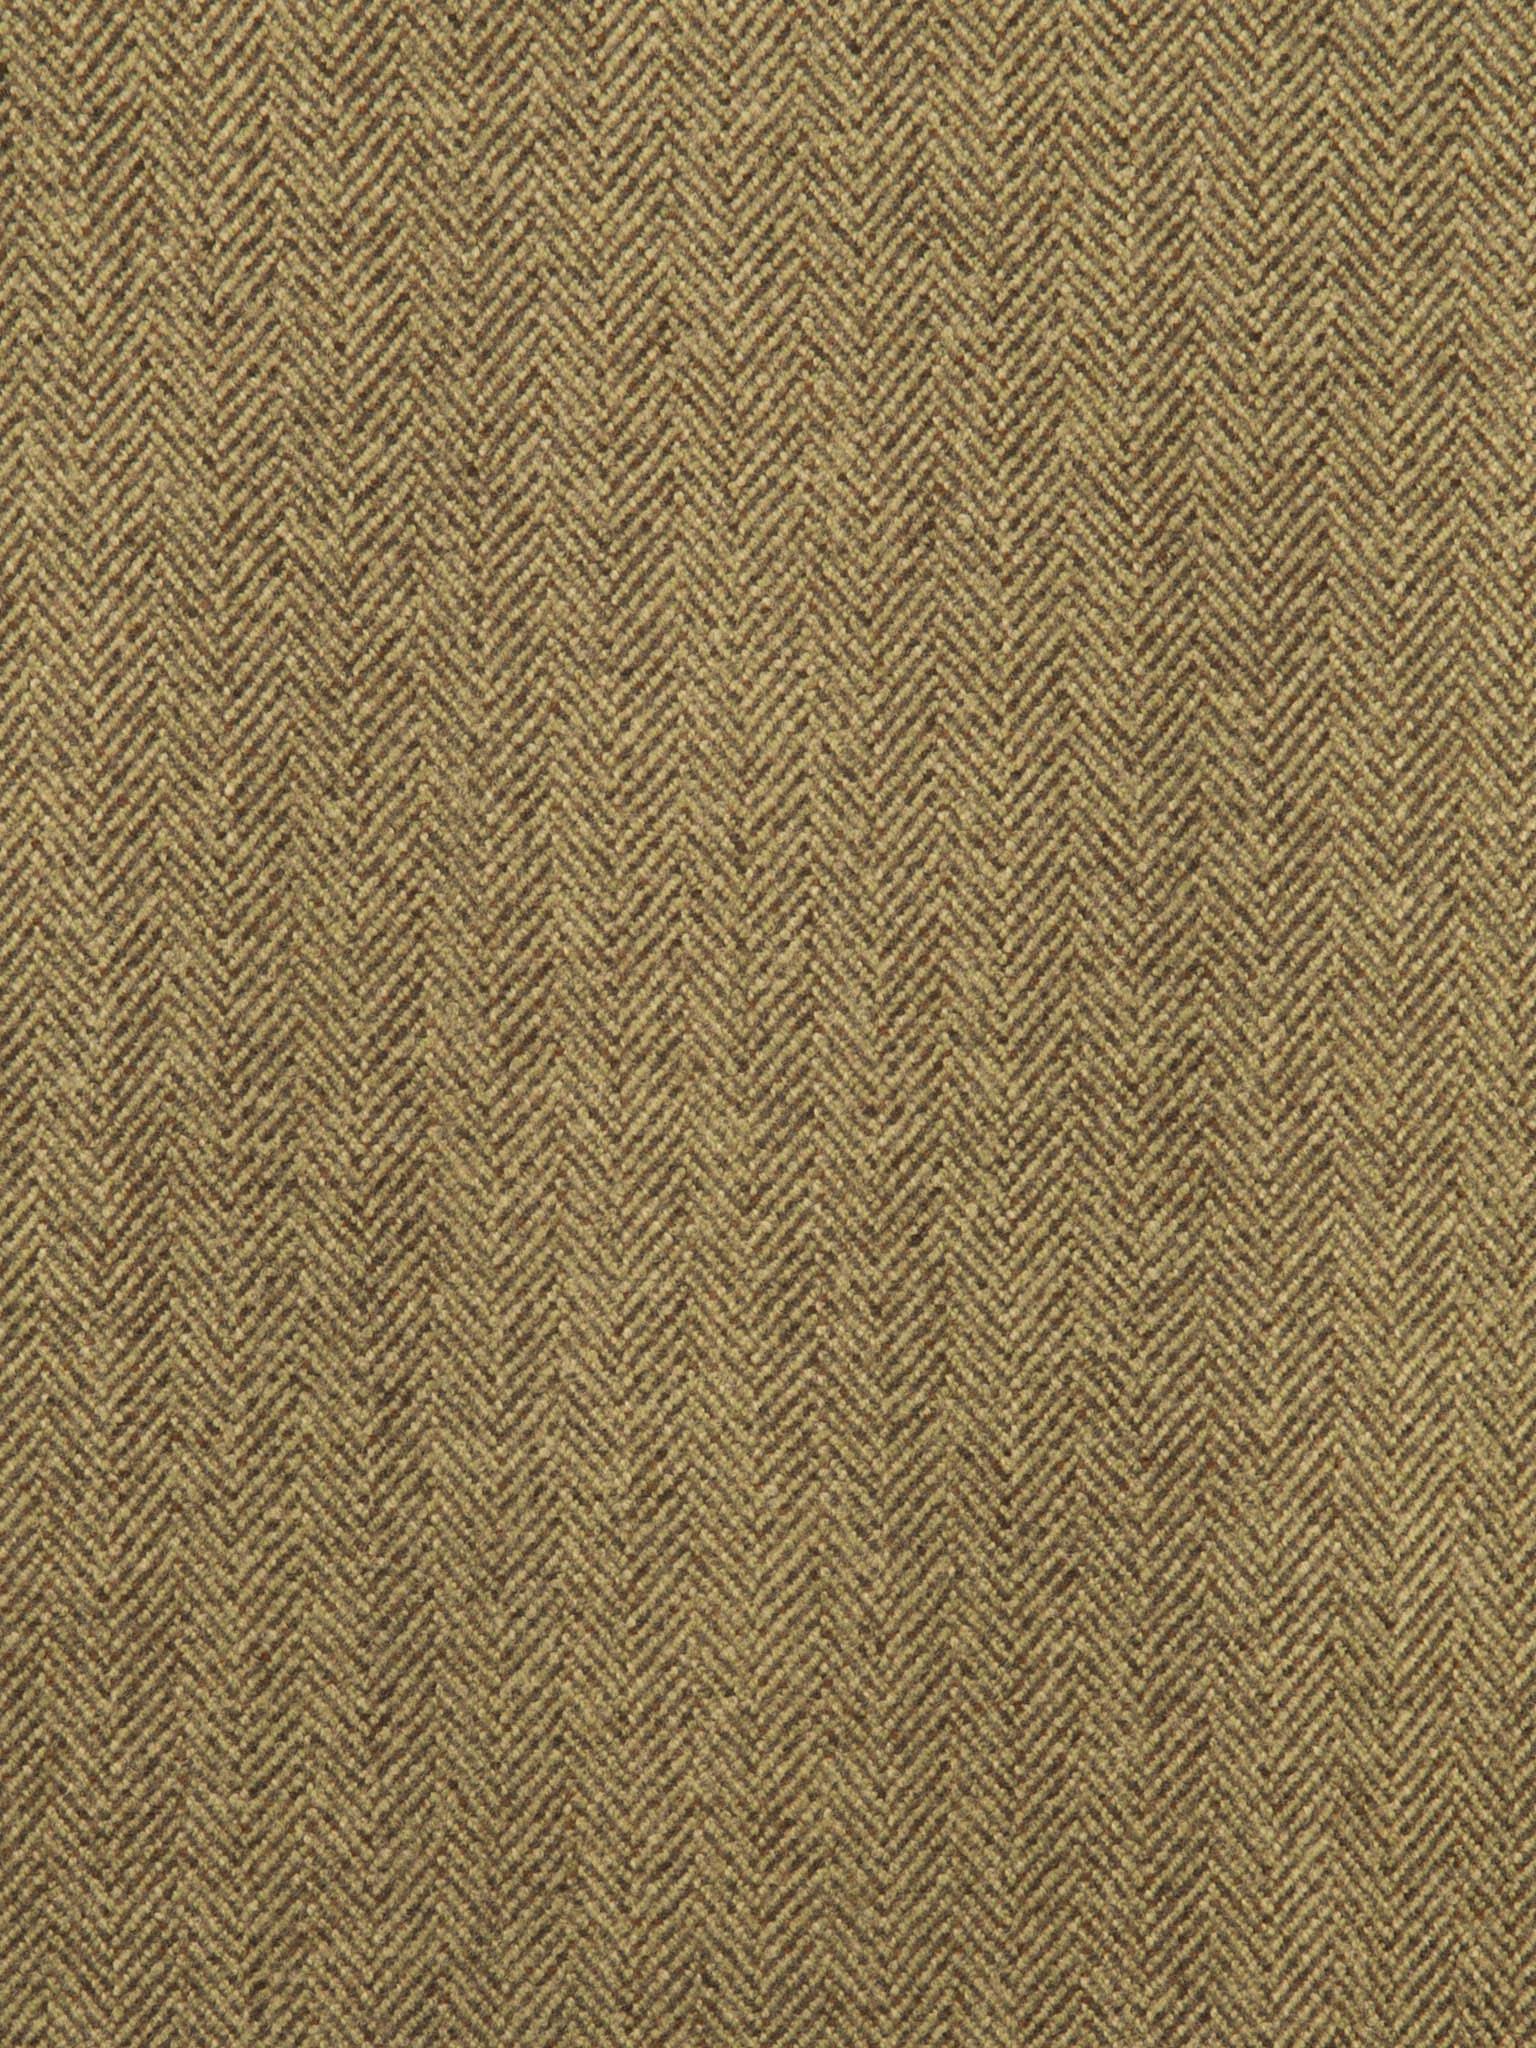 Savile Row Windsor Tweed DE12094